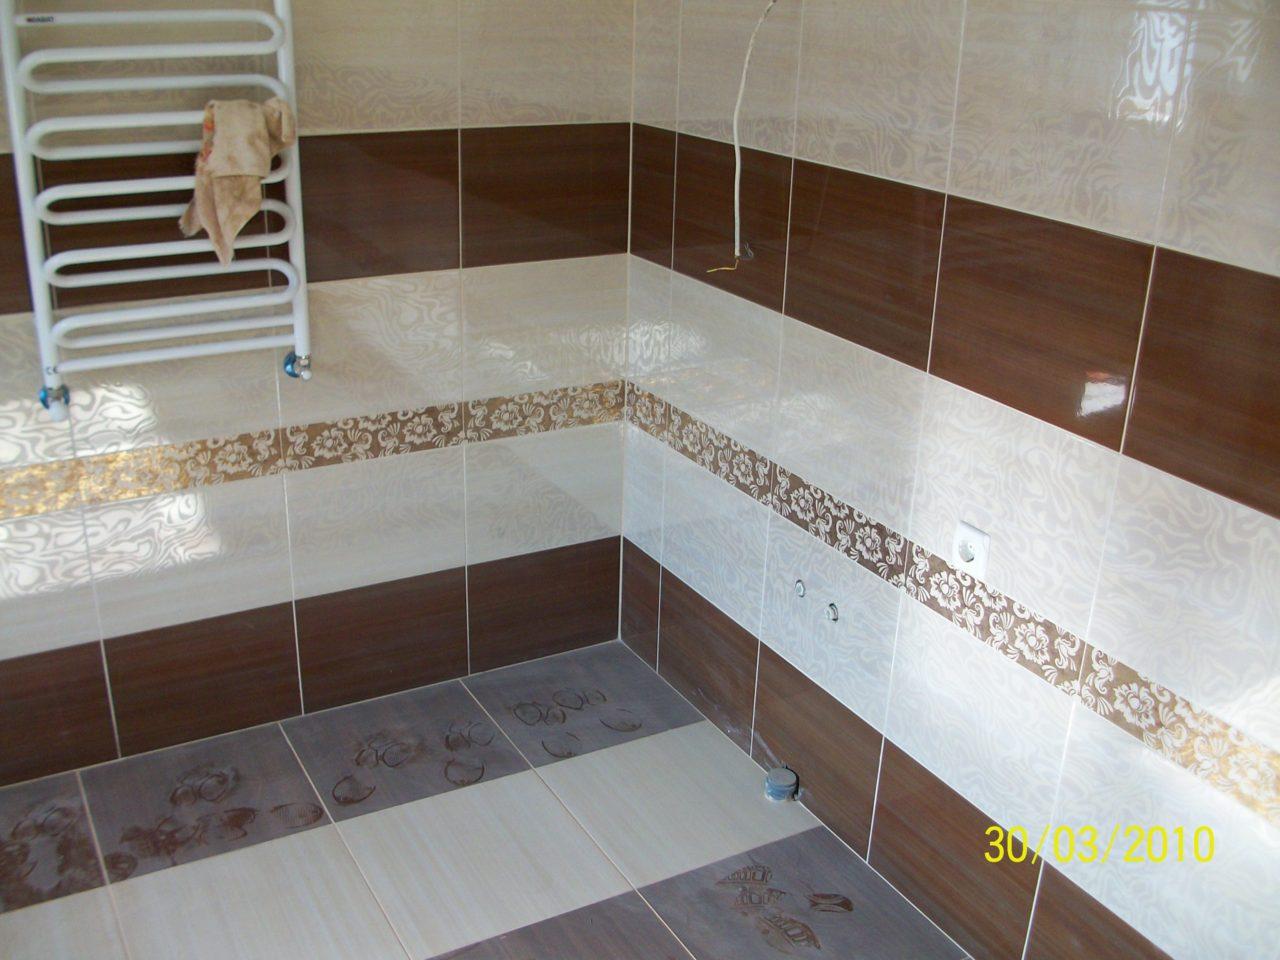 entreprise cherche chantiers sous traitance dalle beton paves bor. Black Bedroom Furniture Sets. Home Design Ideas